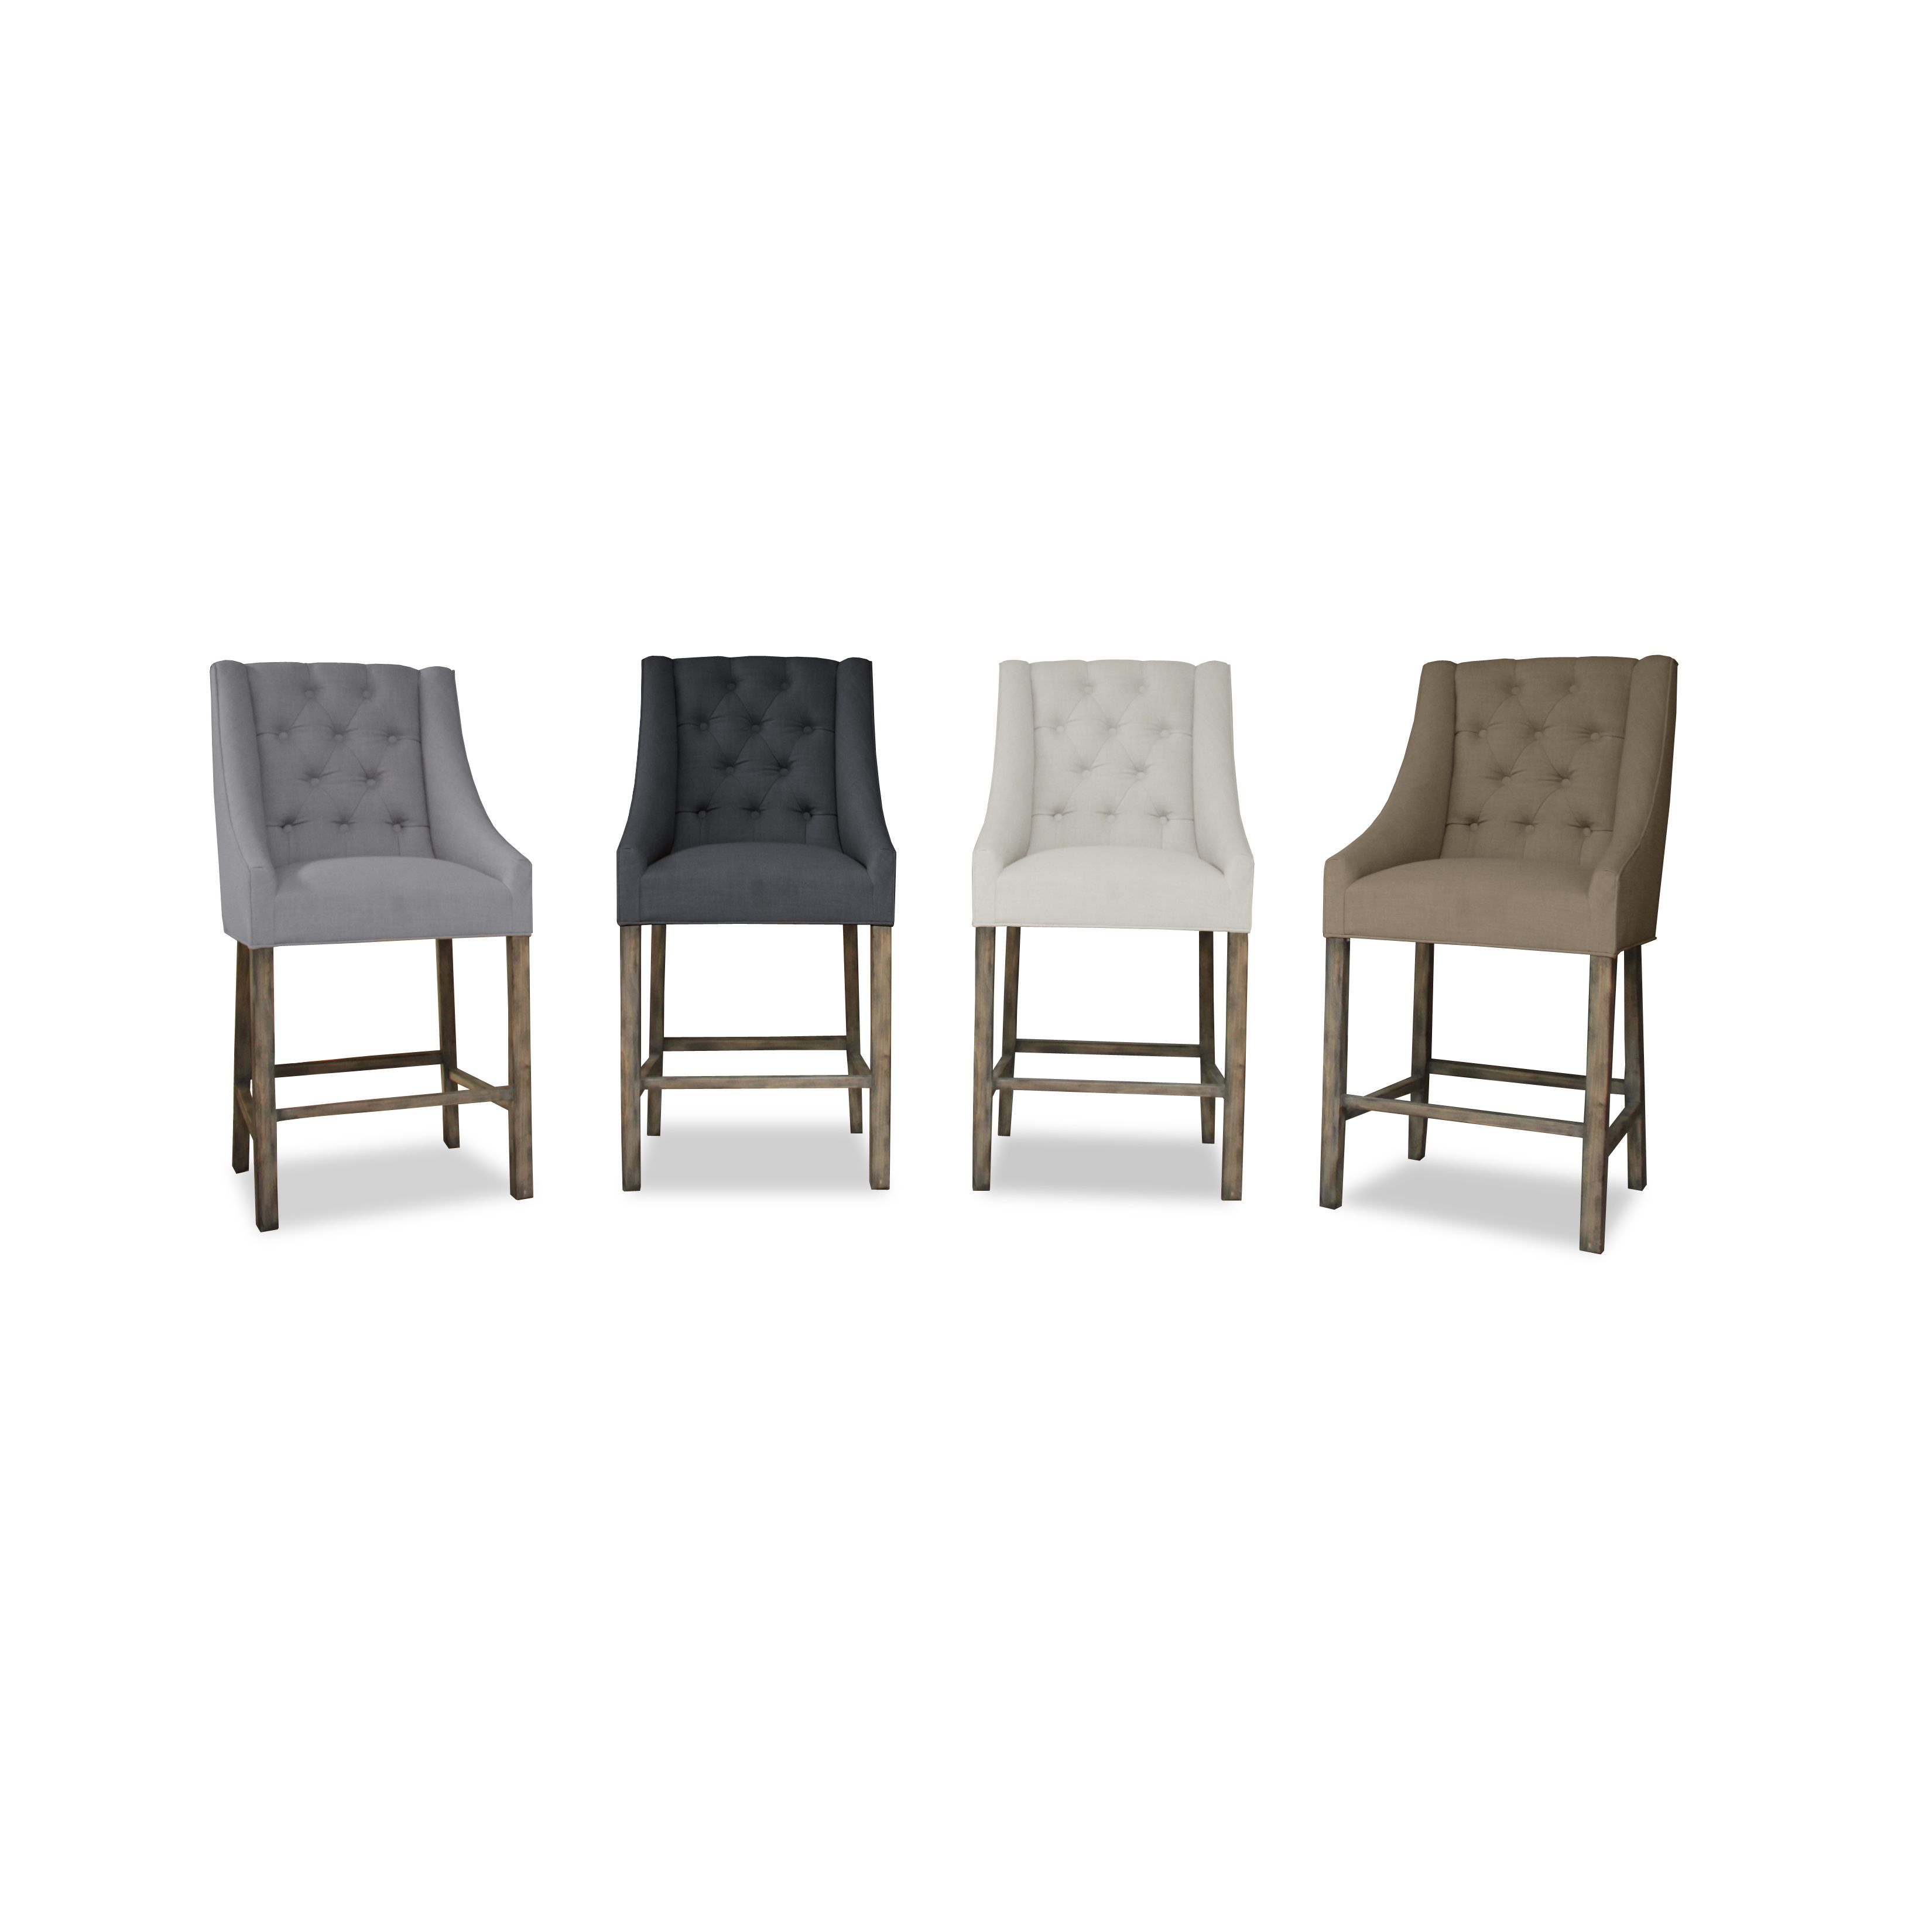 counterheight. Alexa 22w x 26d x 46 ht. nice side view linen blend fabric $231.59 Overstock.com good reviews